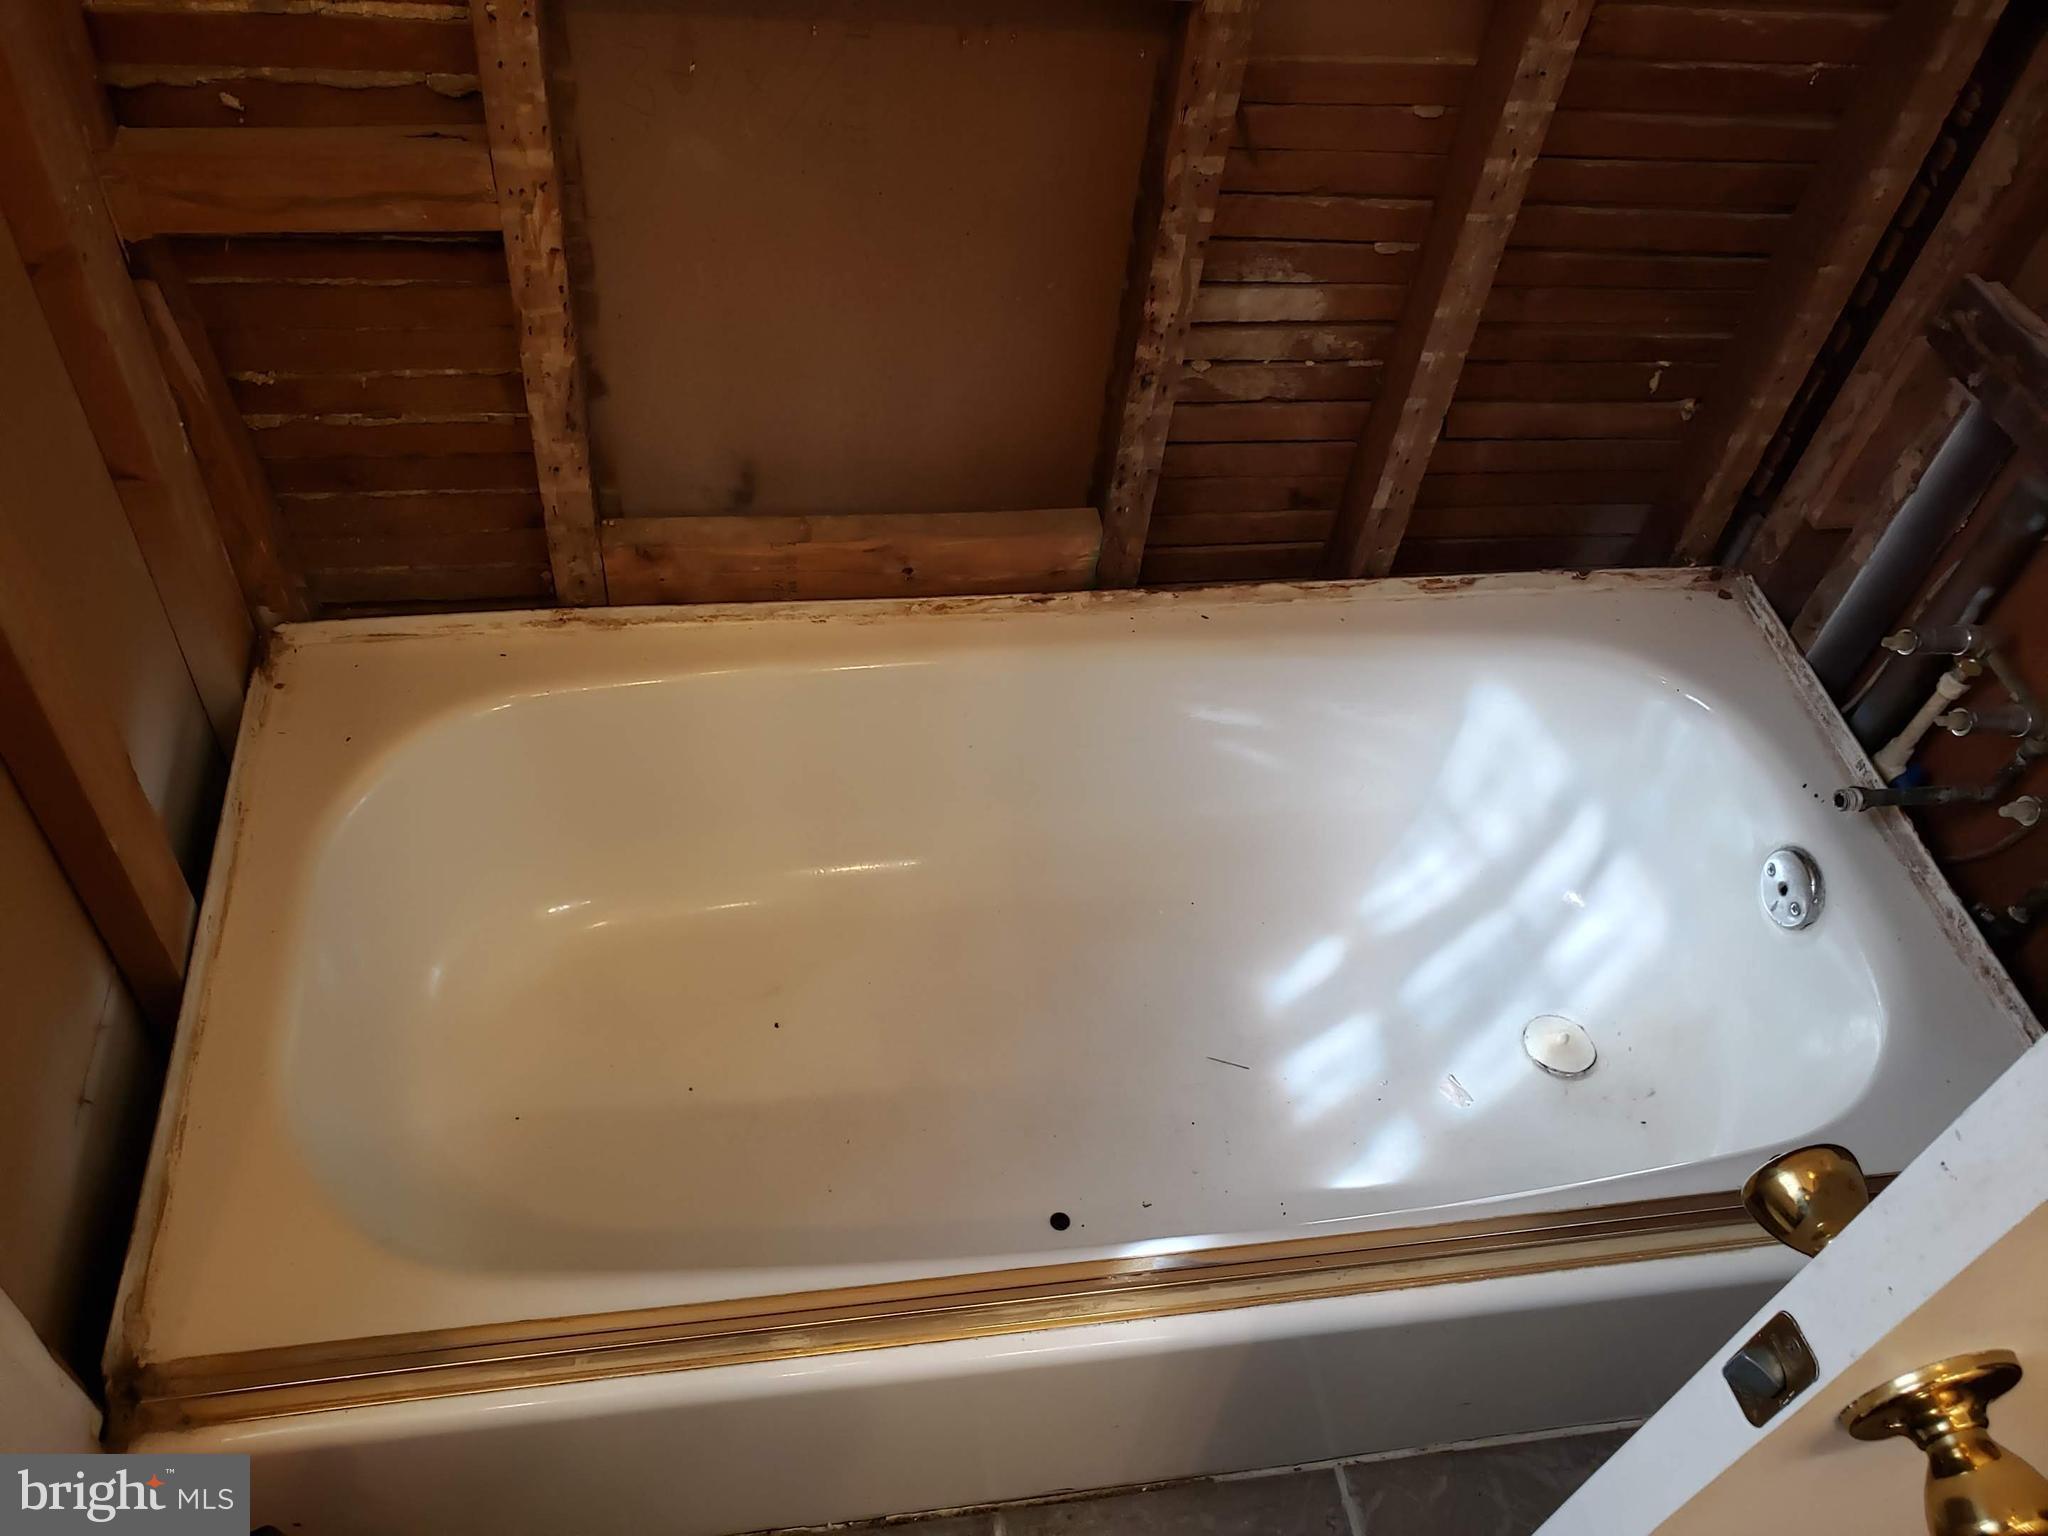 Tub was being refurbished